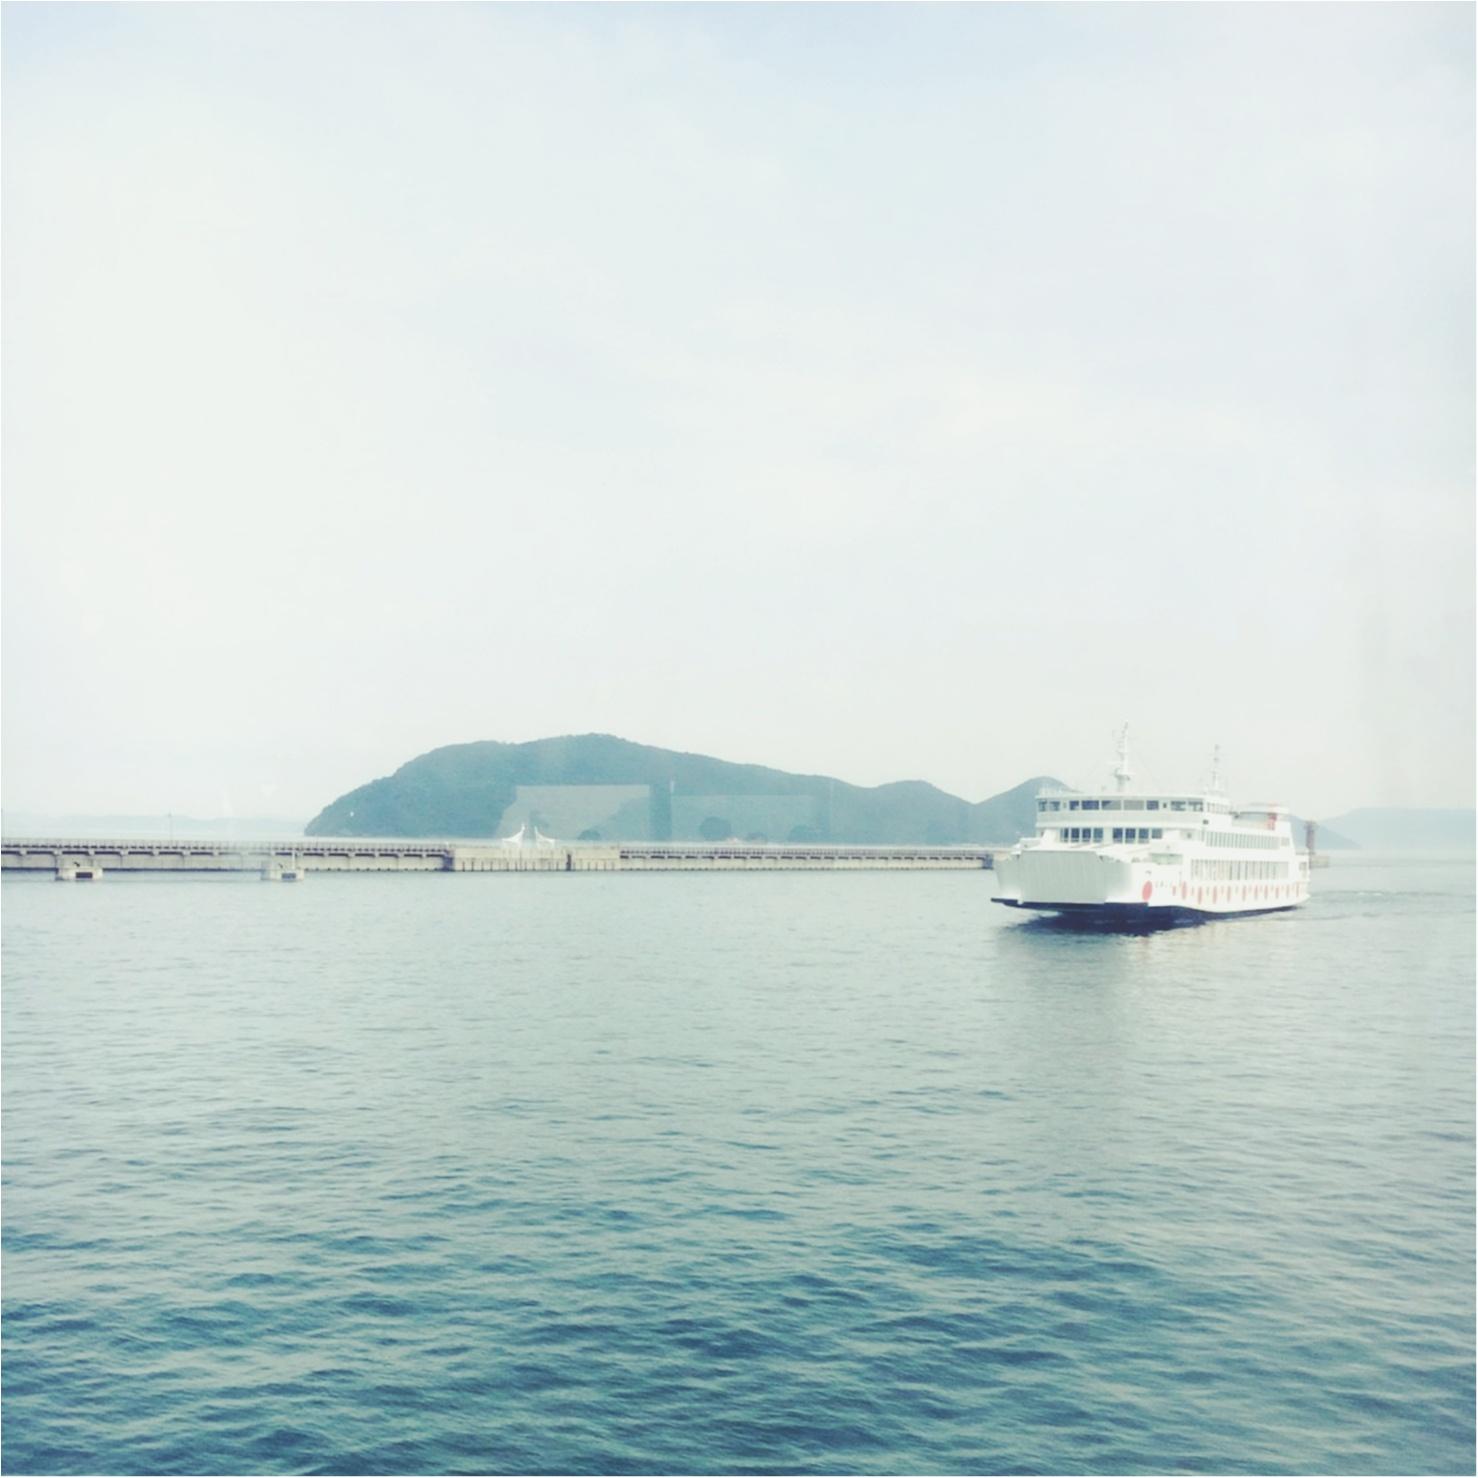 フォトスポットがいっぱい♡夏のお出かけに【小豆島】はいかが?_1